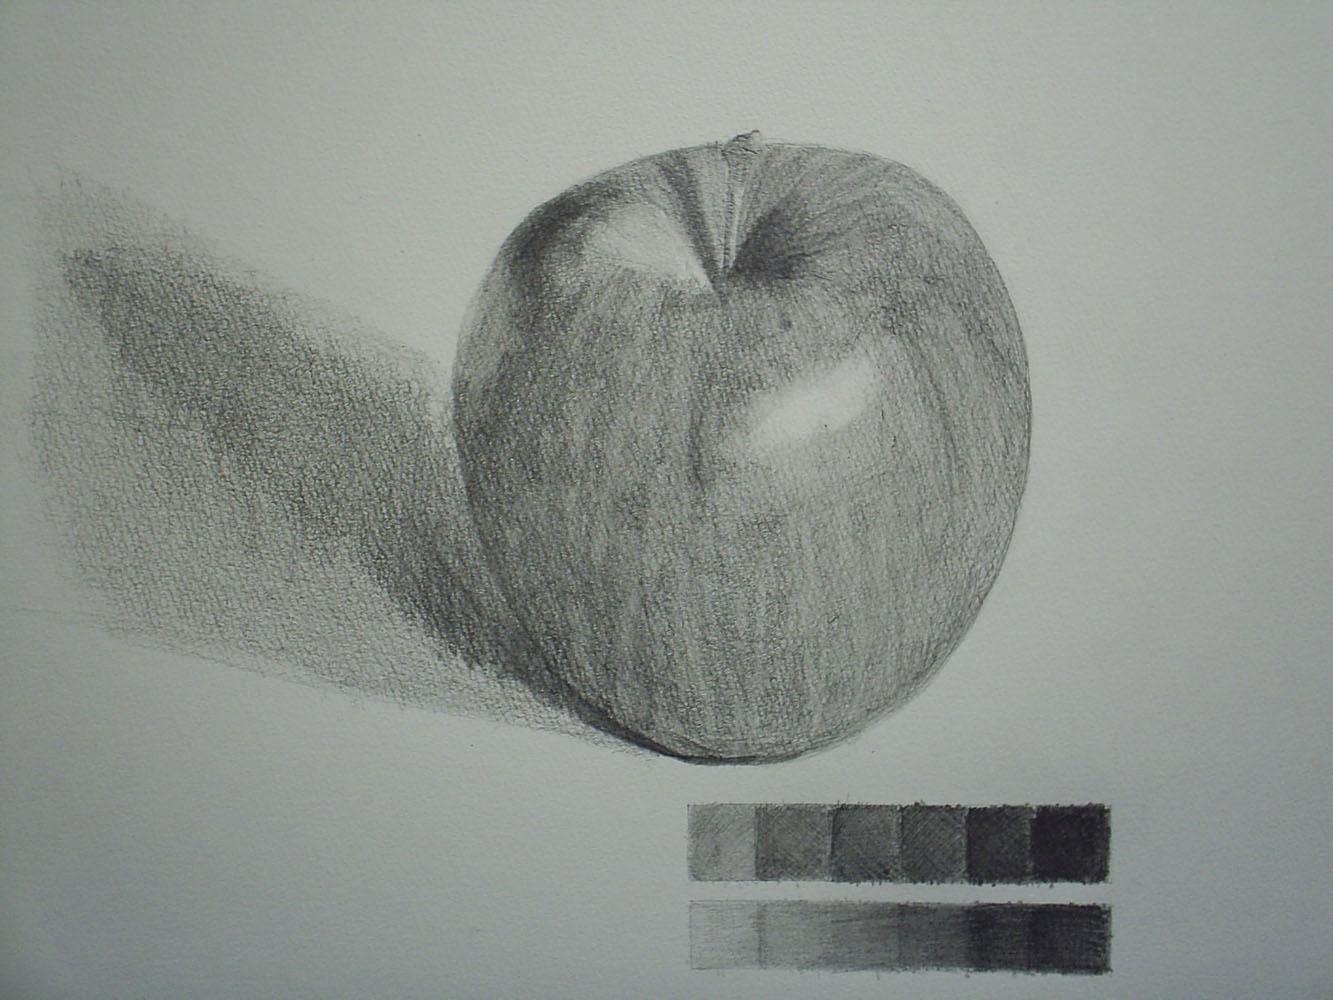 りんご2回目